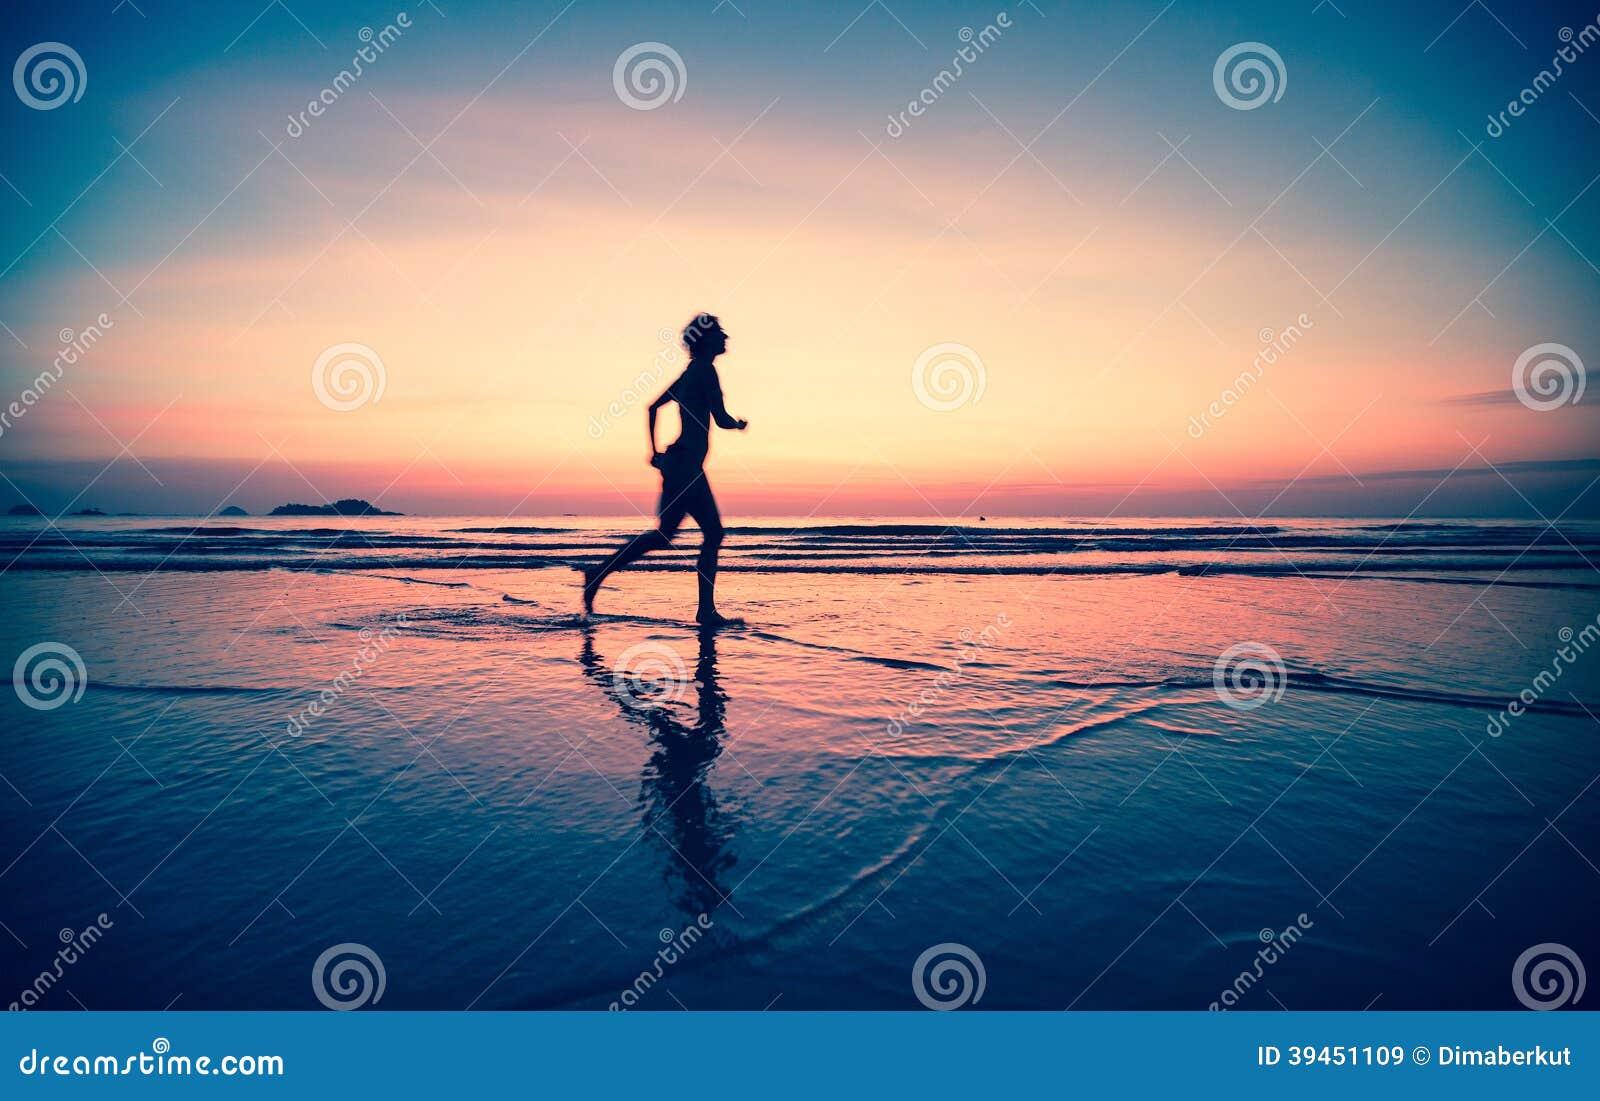 Blured sylwetka kobiety jogger na plaży przy zmierzchem